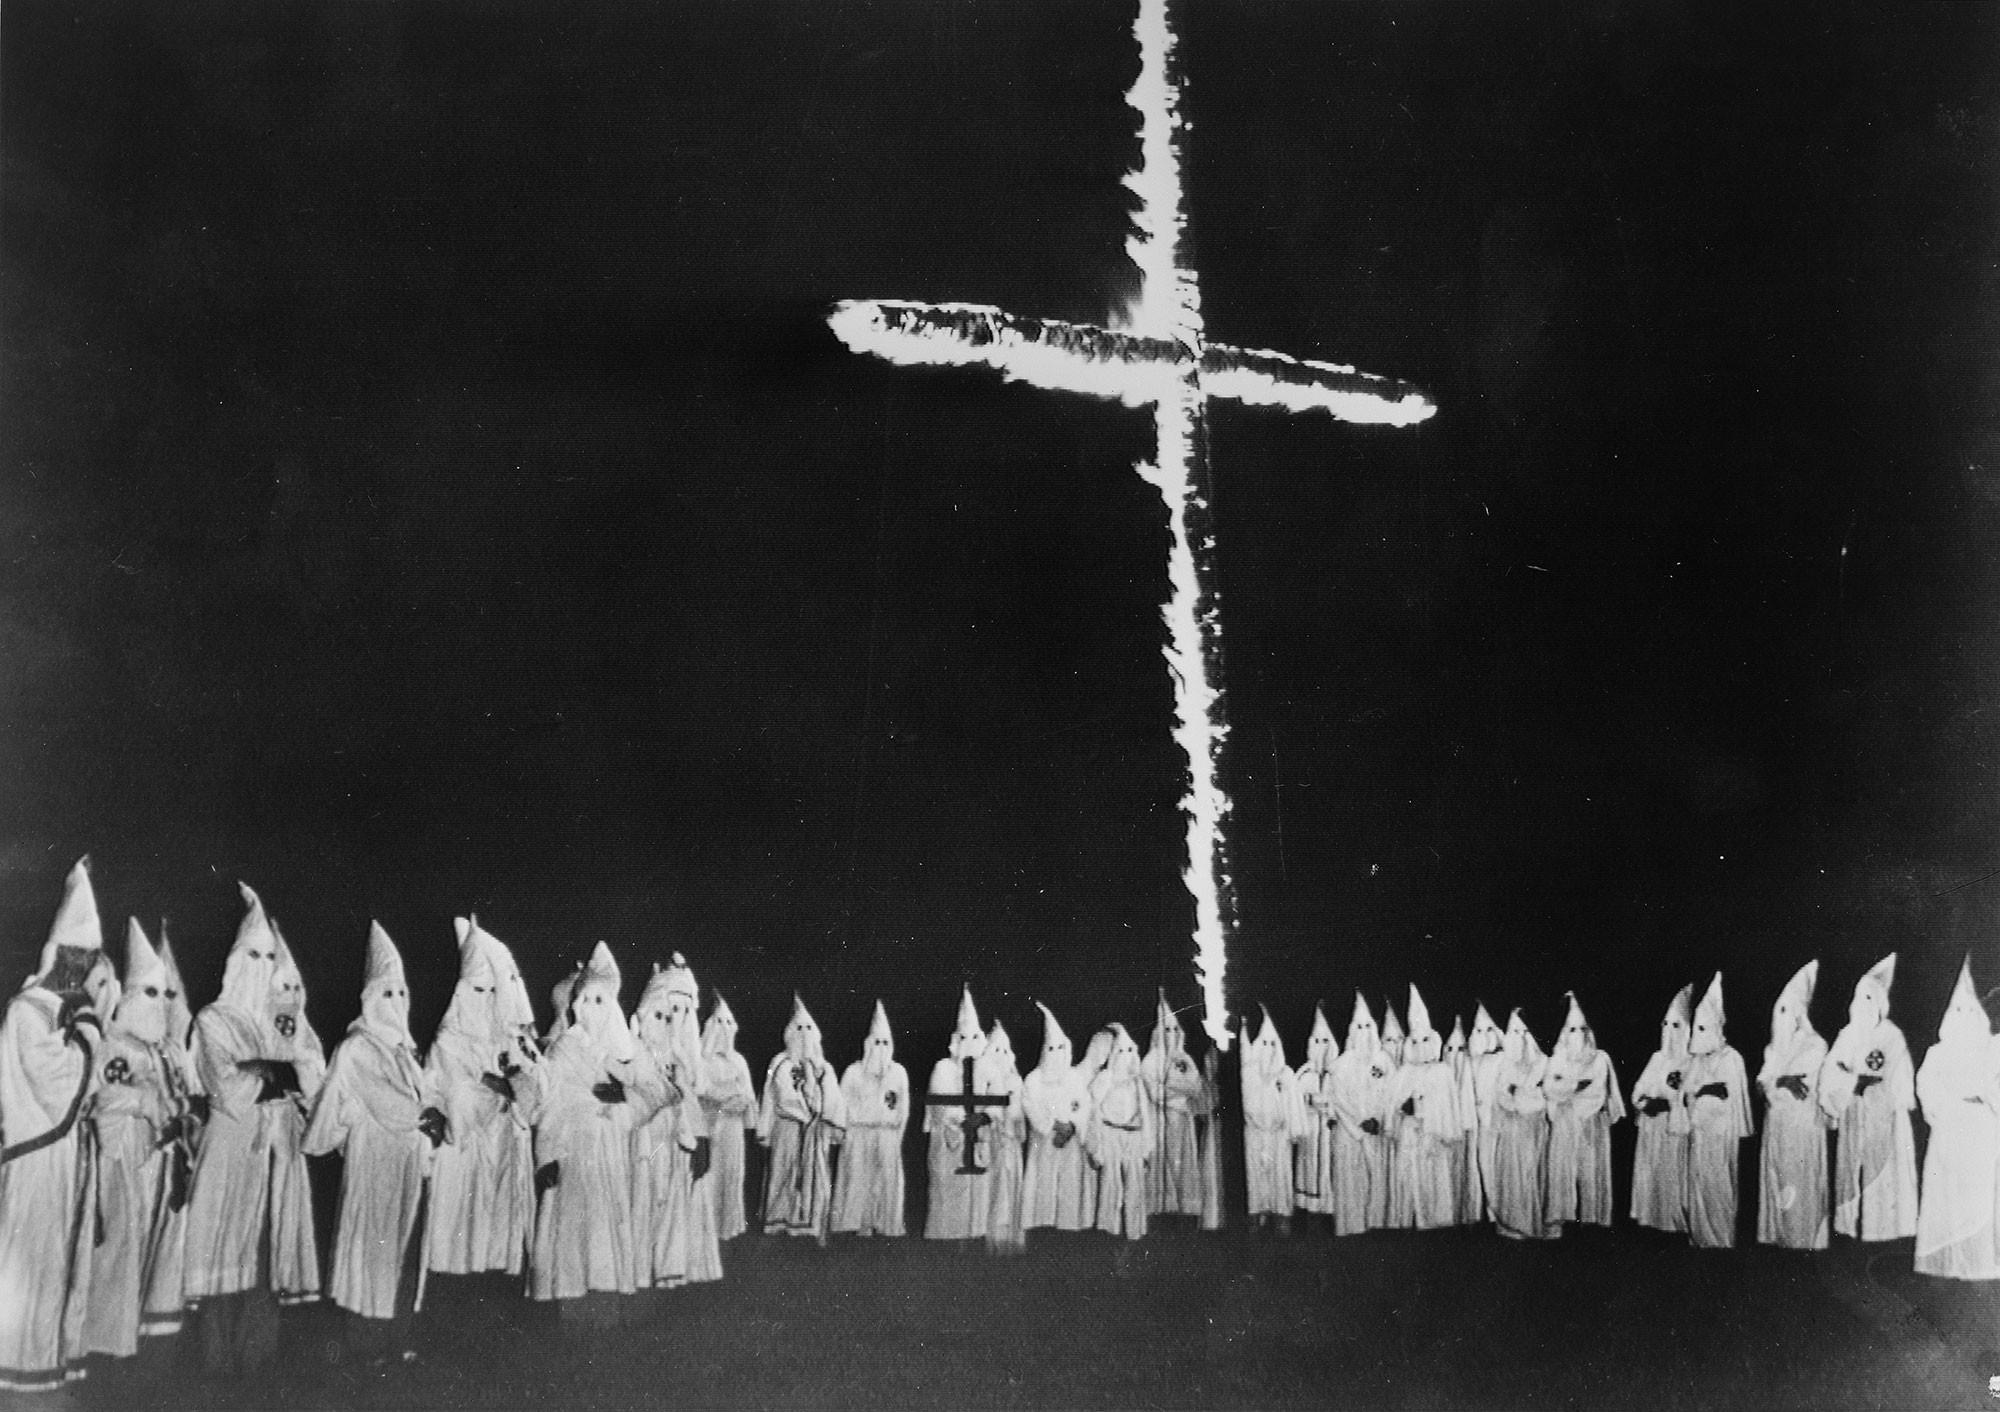 Kérvényt nyújtott be a Ku-Klux-Klan, hogy keresztet égethessenek egy hegy tetején, de elutasították az igényüket